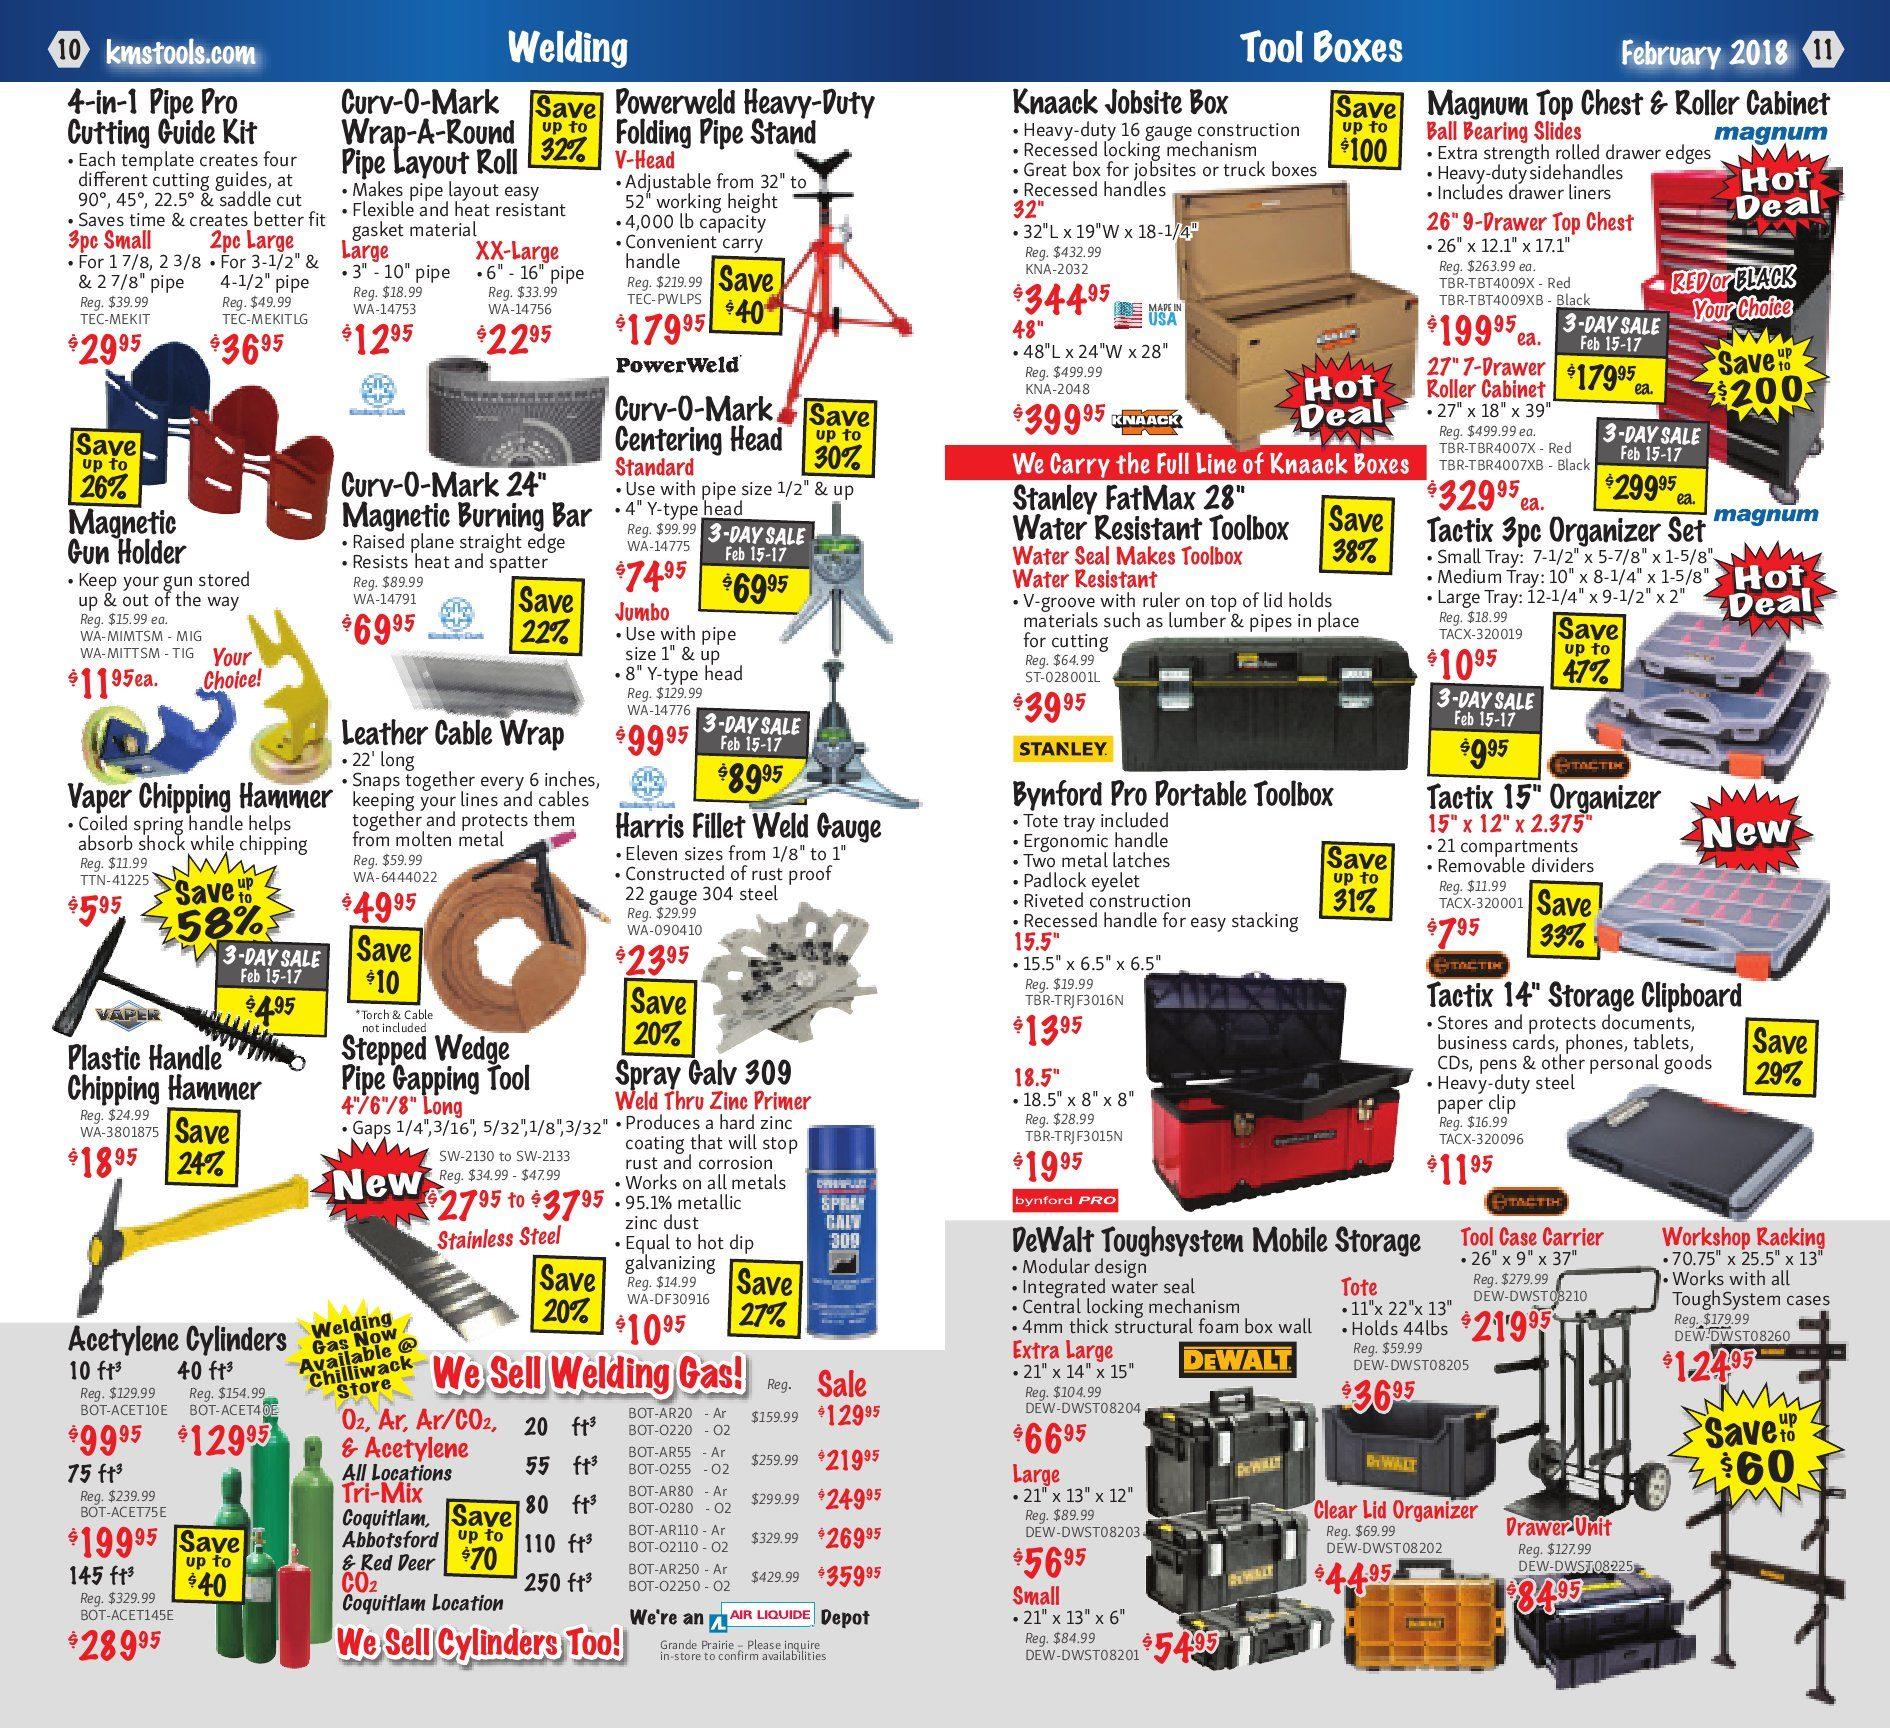 KMS Tools Weekly Flyer - Welding Sale - Feb 1 – 28 - RedFlagDeals.com